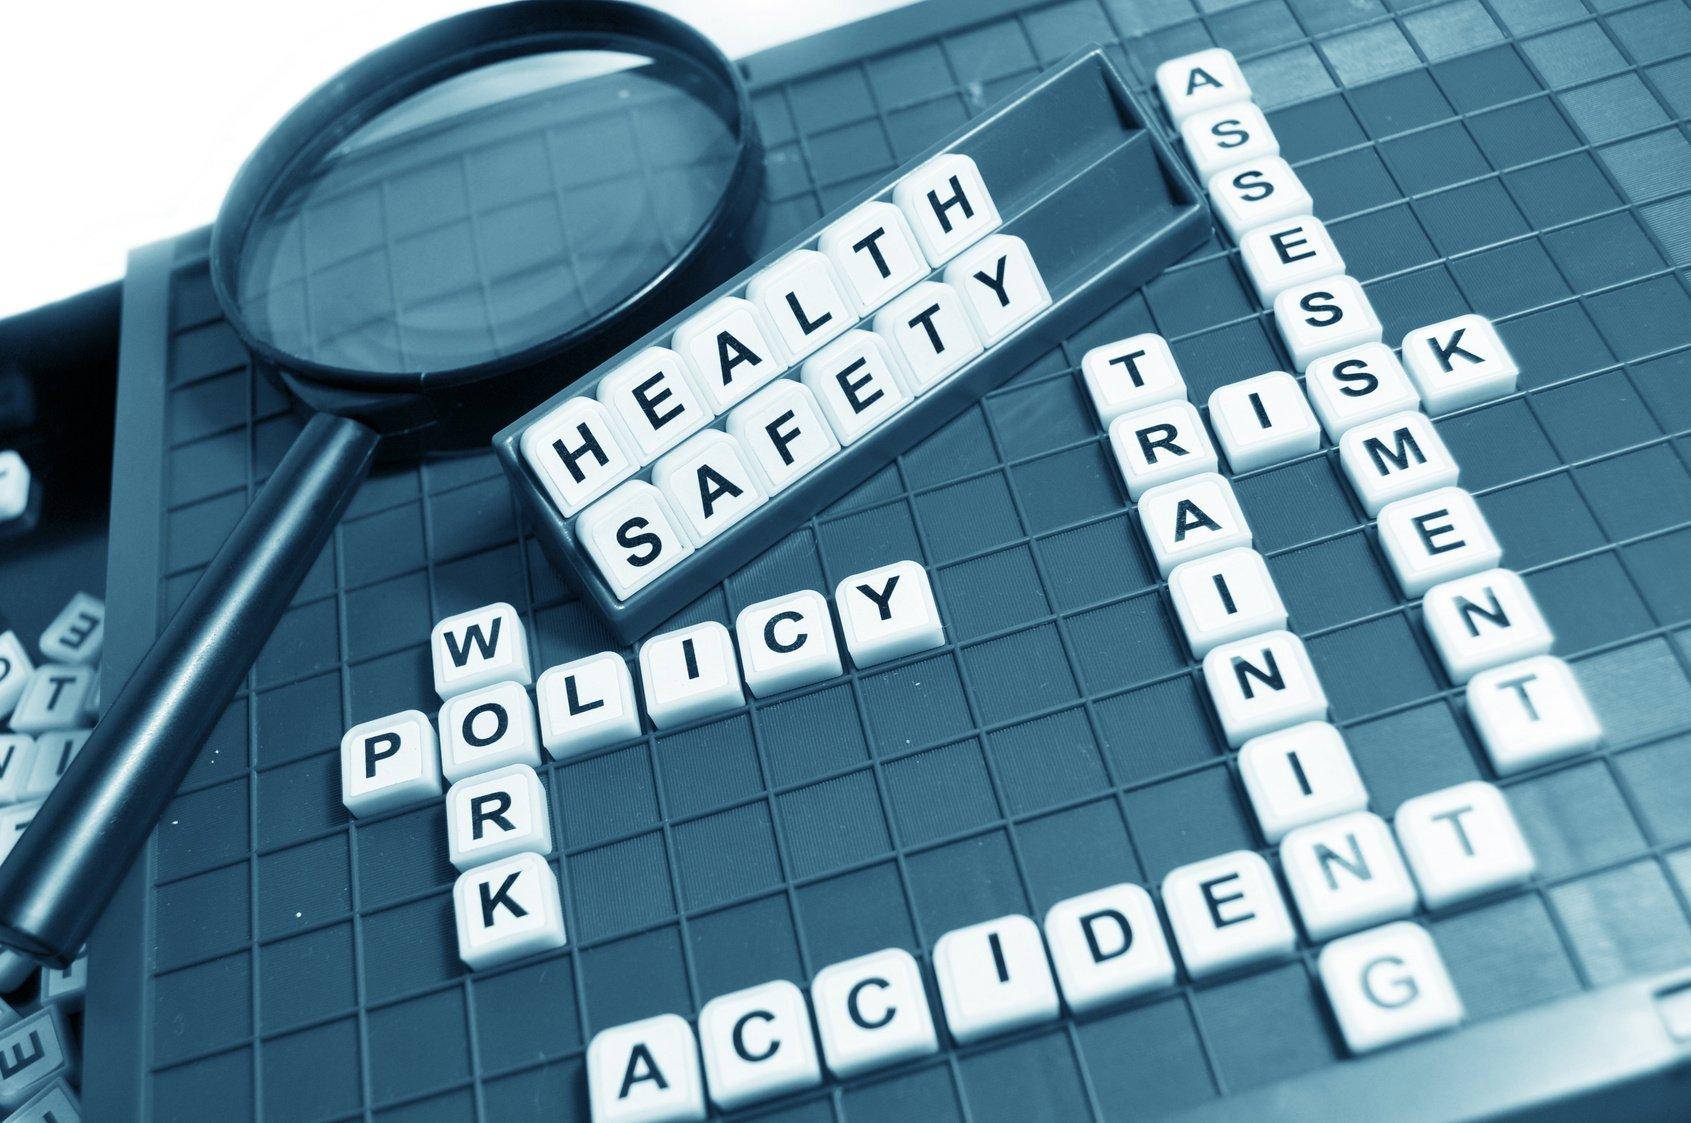 Sağlık Hakkında Deyimler Ve Anlamları